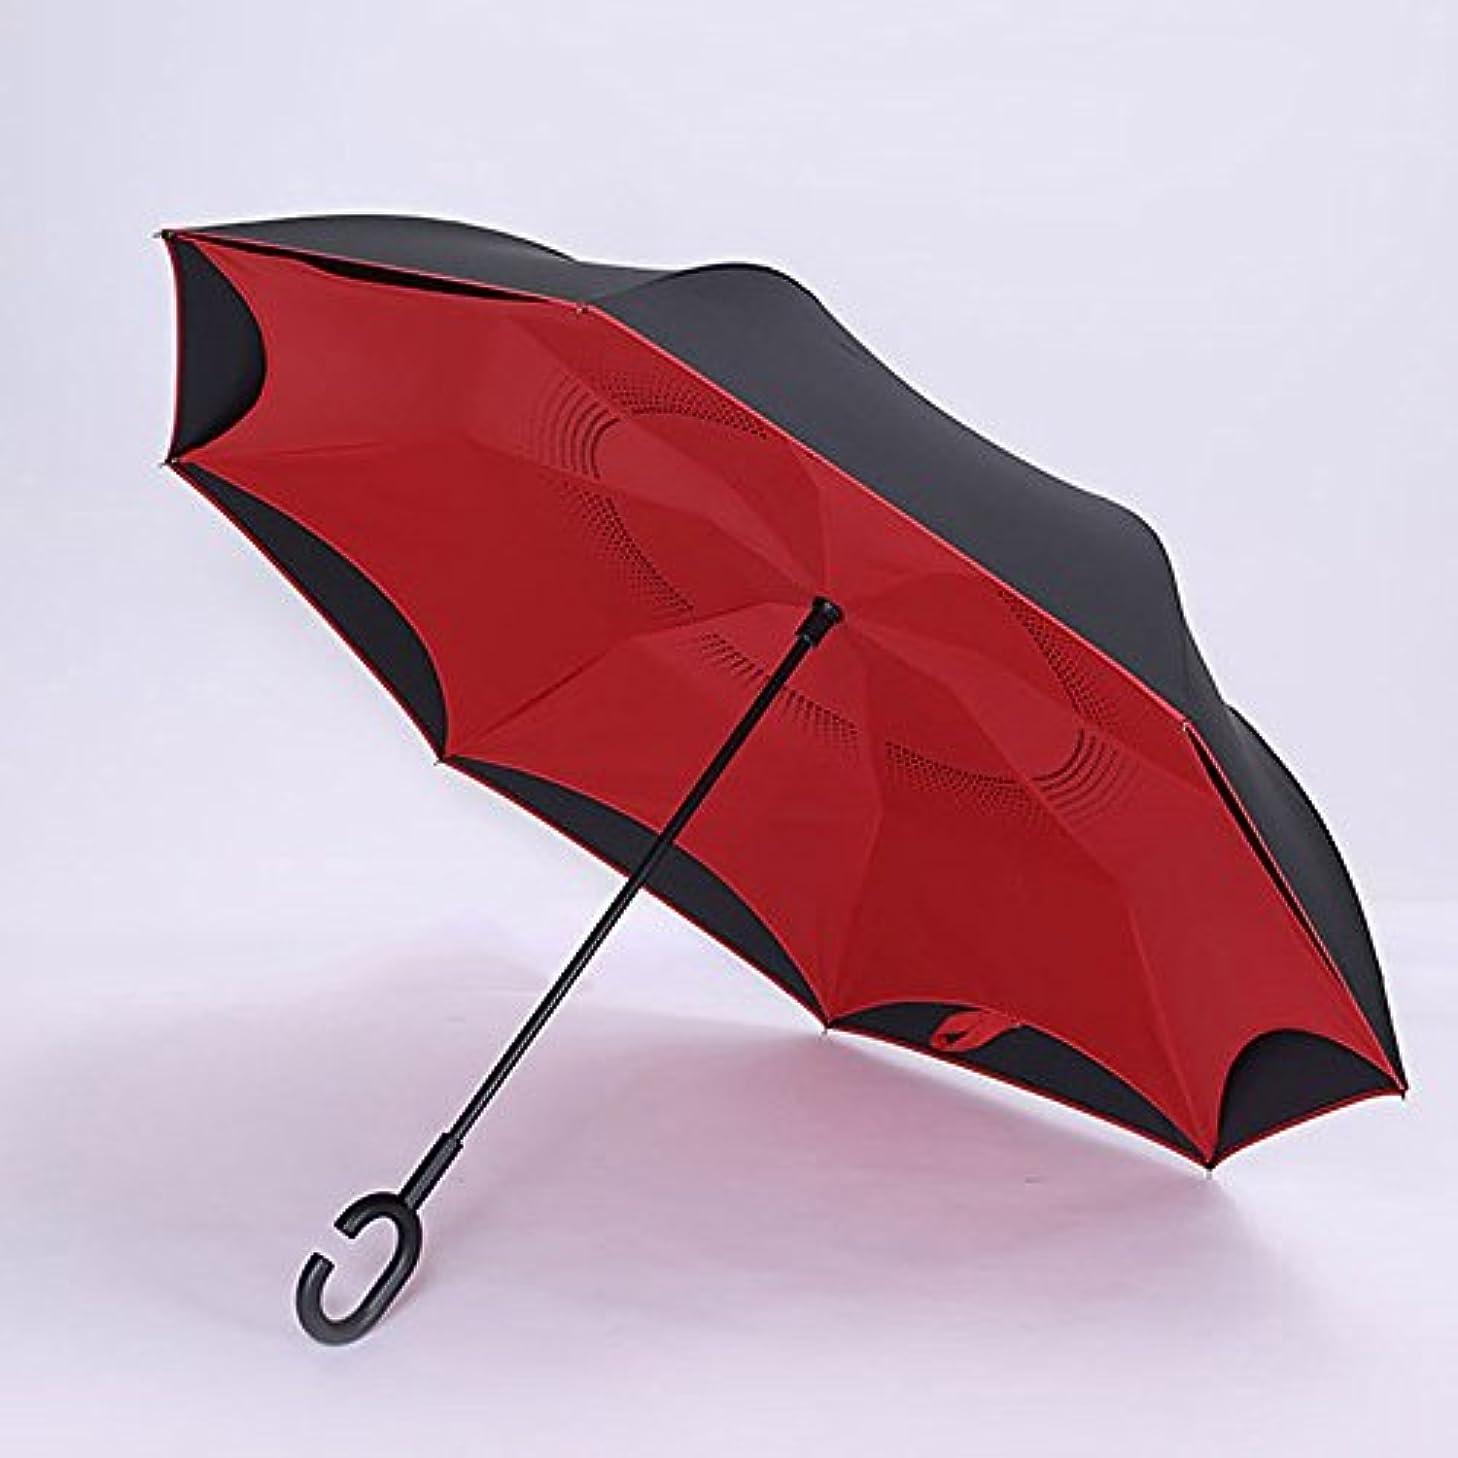 繊毛薄いです財団XRXY 長い処理逆畳み傘/特大のダブルレイヤー傘/屋外の二重使用の傘/ハンズフリースタンド可能なサン傘/日光の保護パラソル ( 色 : 赤 )